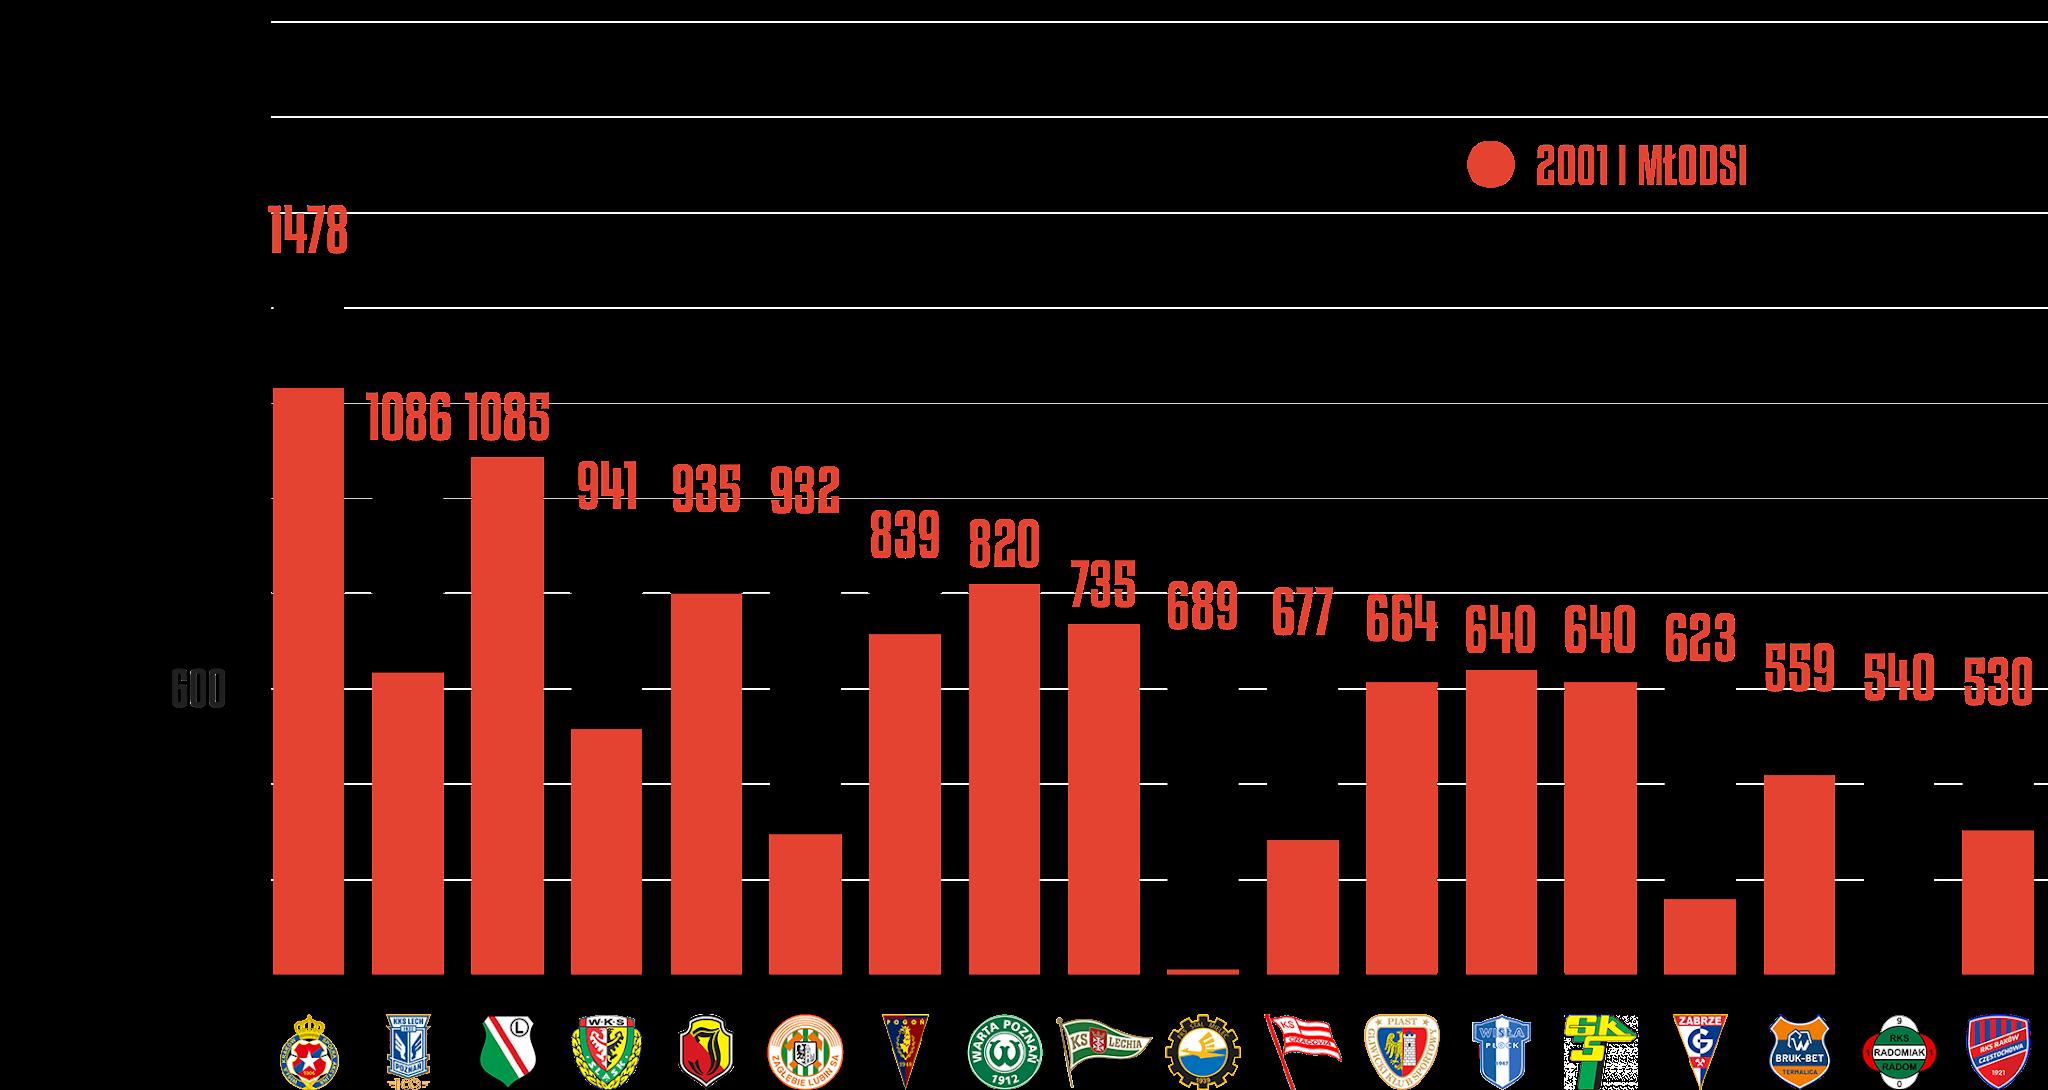 Klasyfikacja klubów pod względem rozegranego czasu przez młodzieżowców po 7.kolejce PKO Ekstraklasy<br><br>Źródło: Opracowanie własne na podstawie ekstrastats.pl<br><br>graf. Bartosz Urban